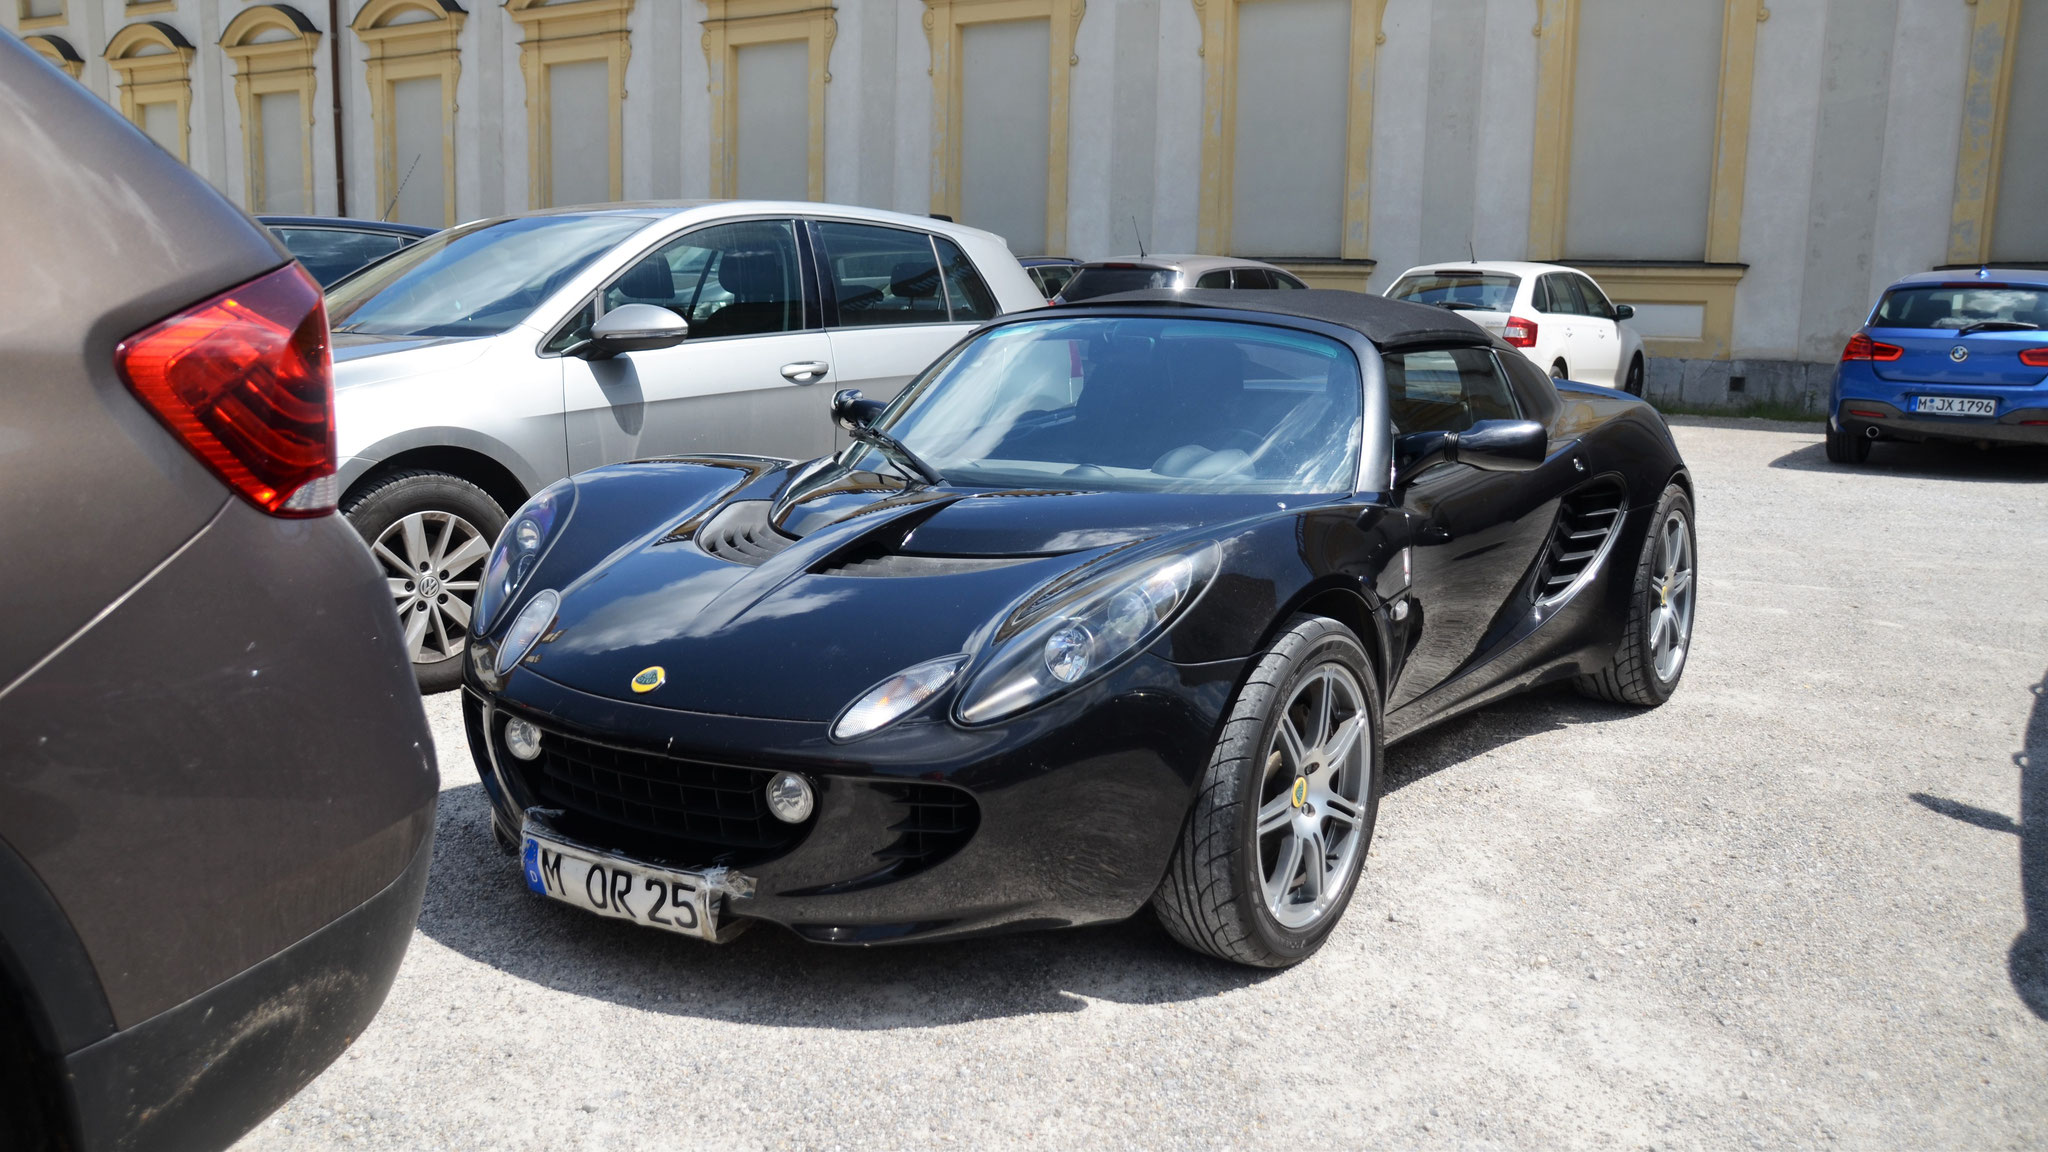 Lotus Elise S2 - M-OR-25